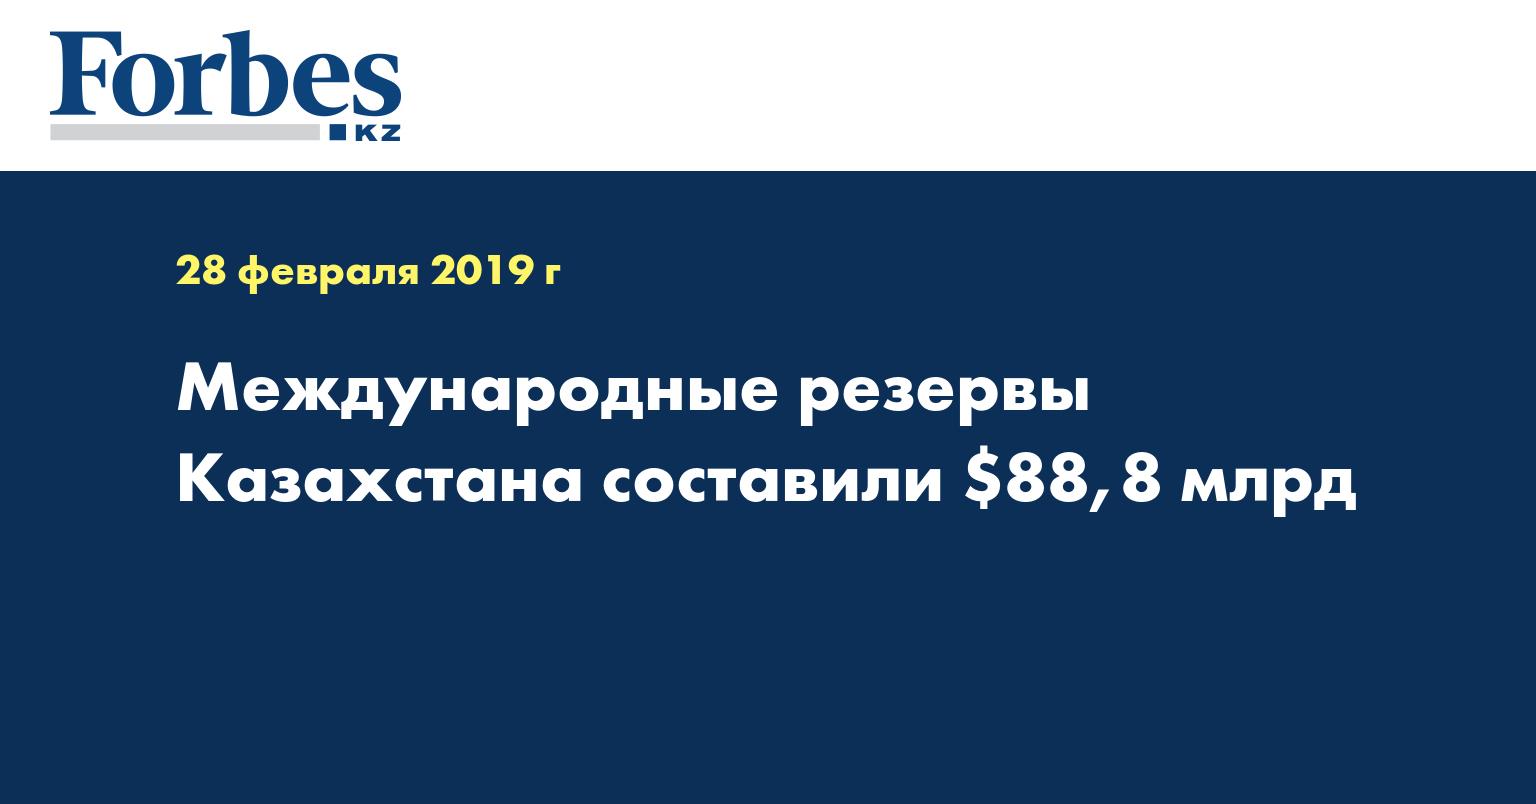 Международные резервы Казахстана составили $88,8 млрд